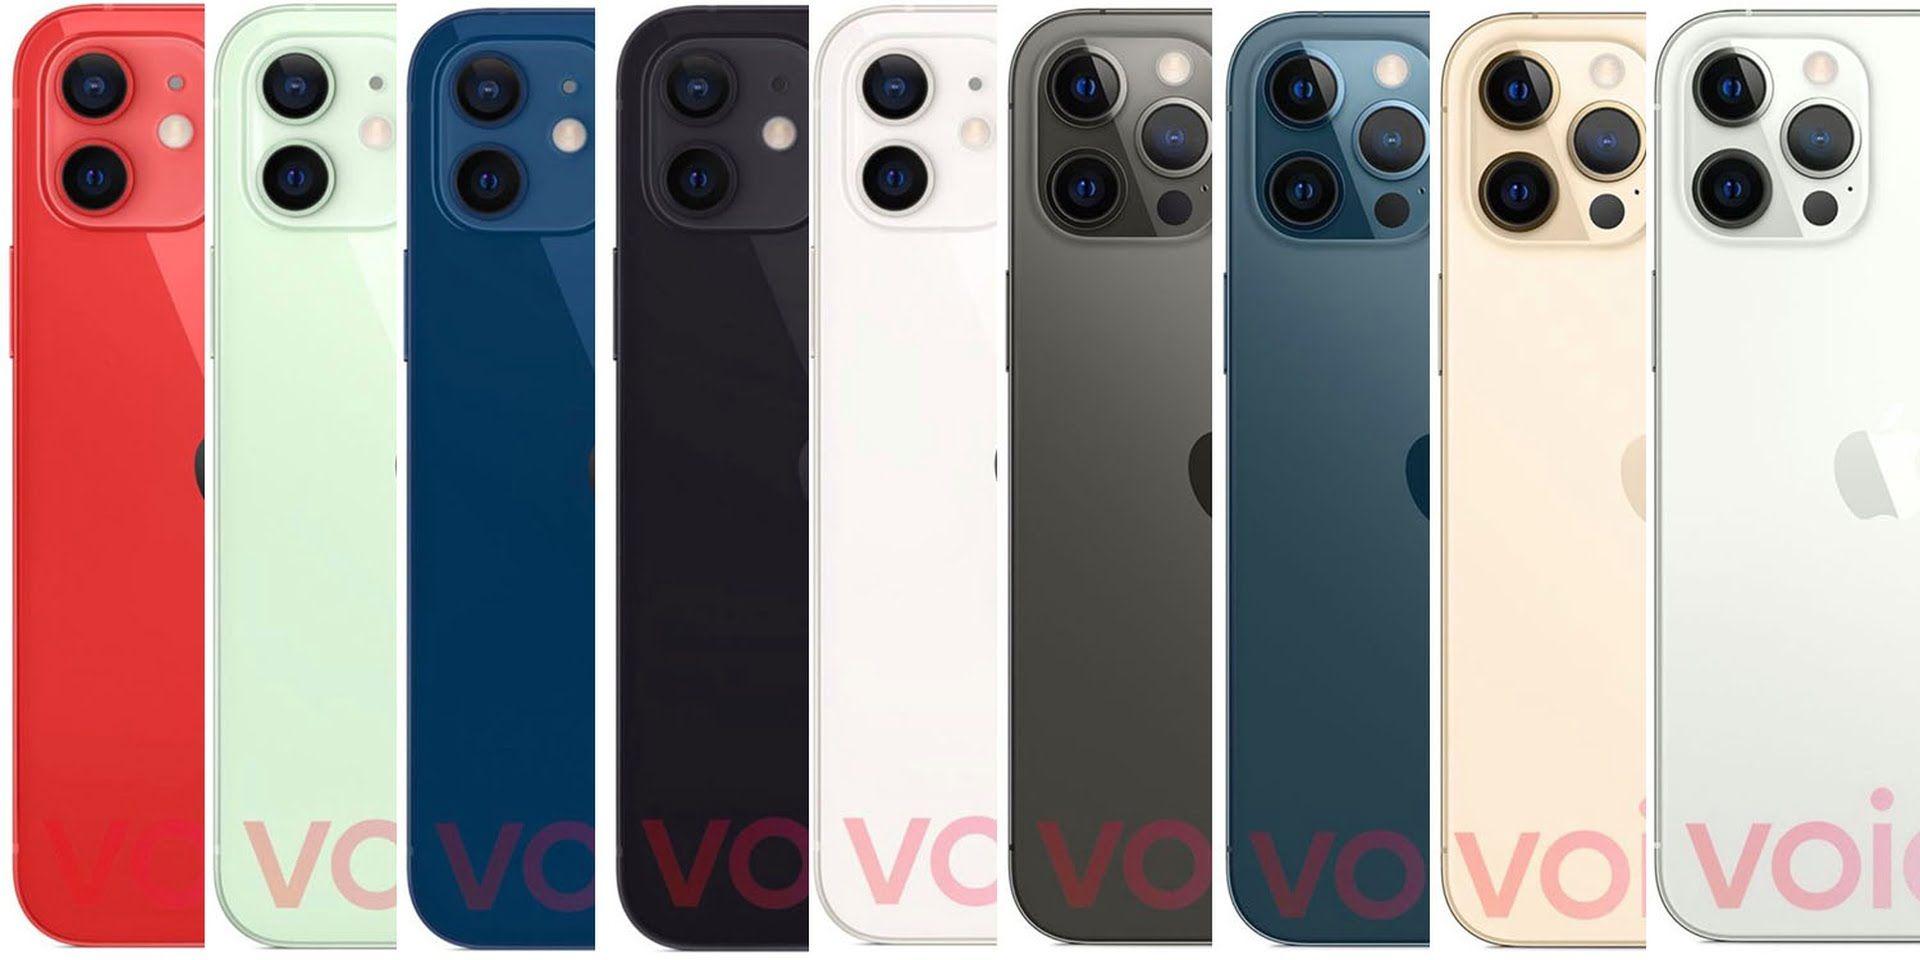 Grafiki przedstawiające potencjalne kolory nowych iPhone'ów 12